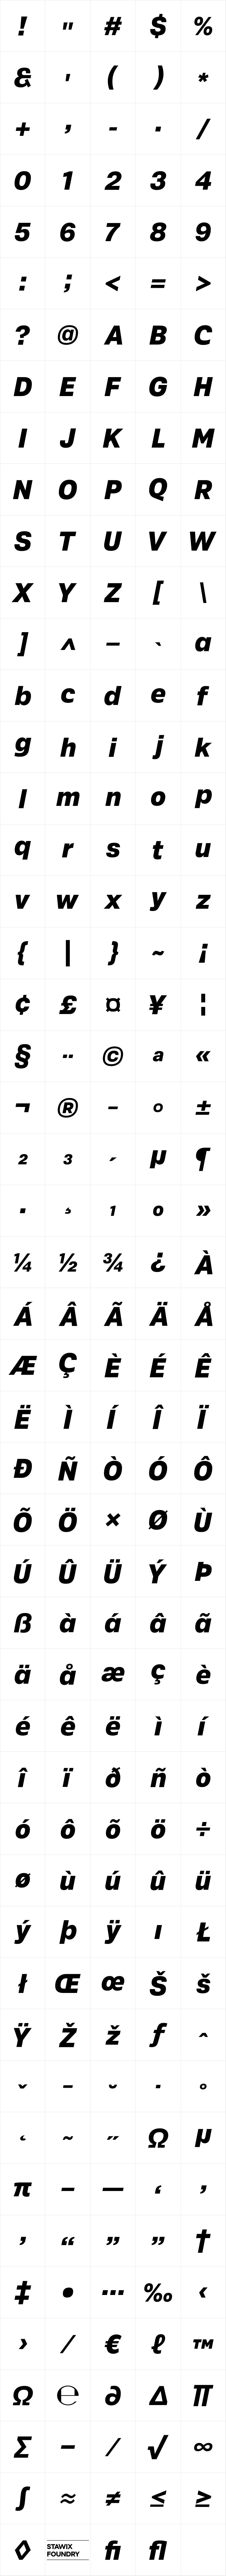 Crique Grotesk Heavy Italic